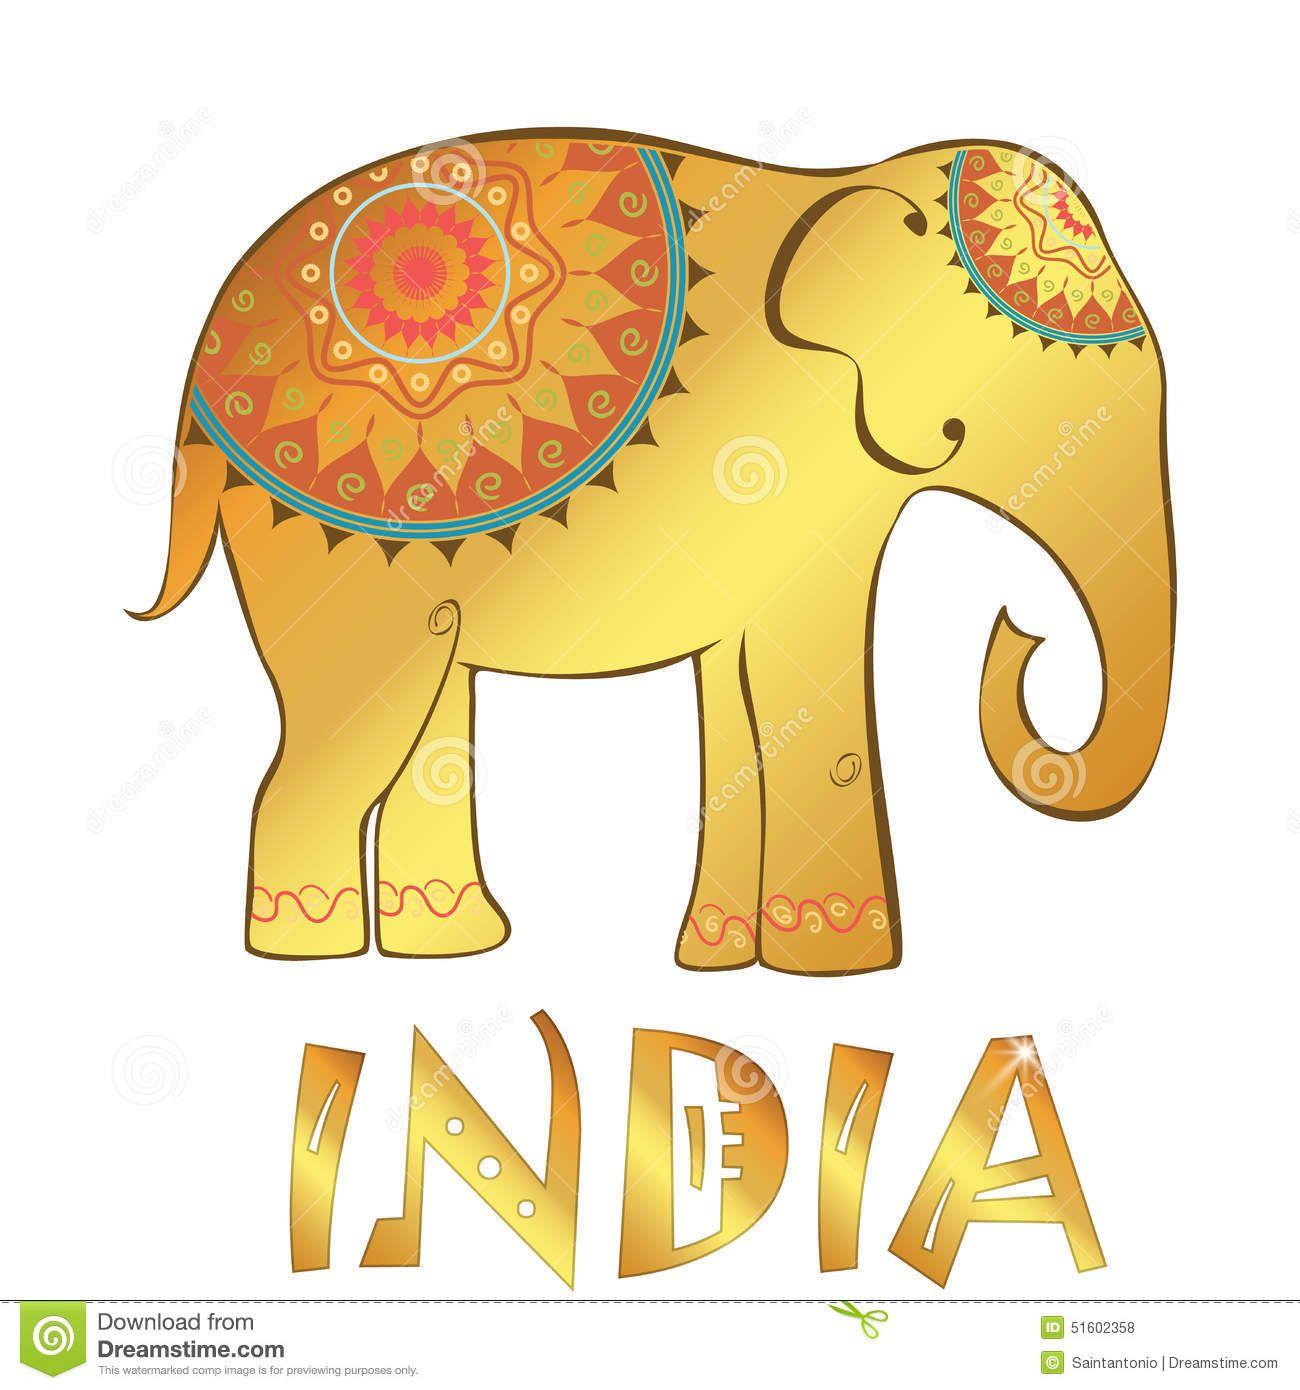 Resultado De Imagen De Elefante Dibujo Indio Dibujo Indio Imagen Elefante Elefante Hindu